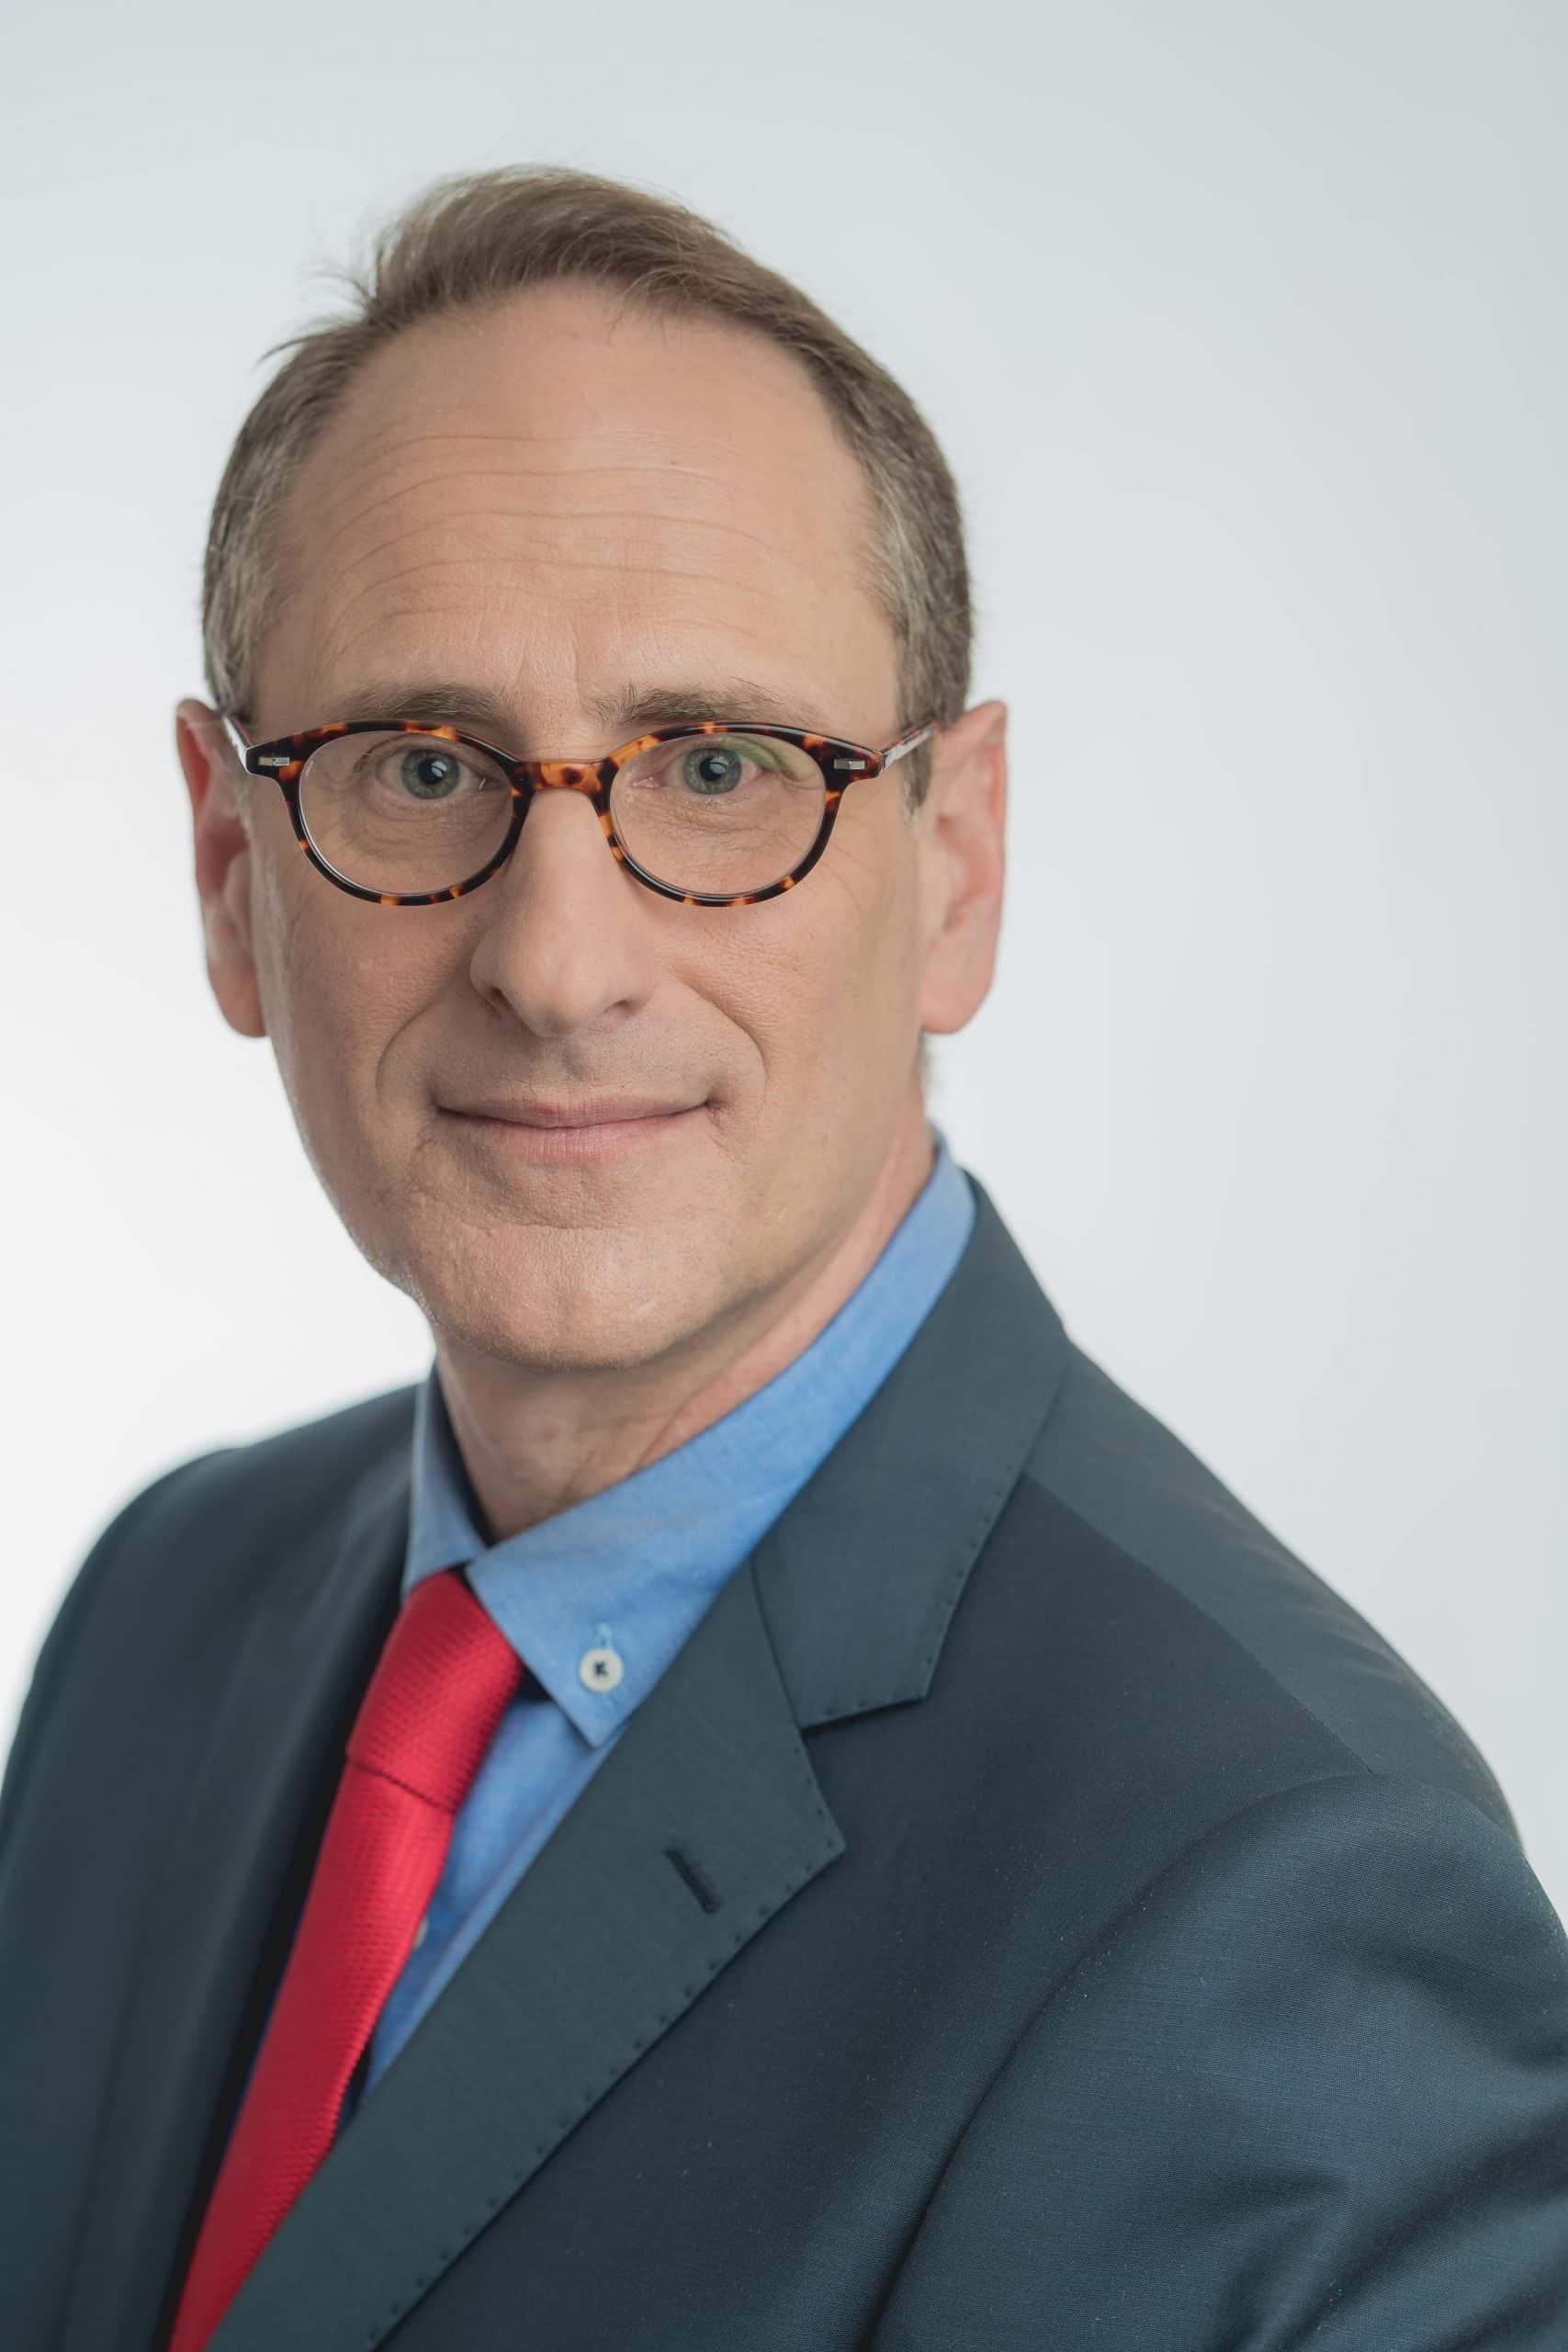 אסף קריאל פרופיל